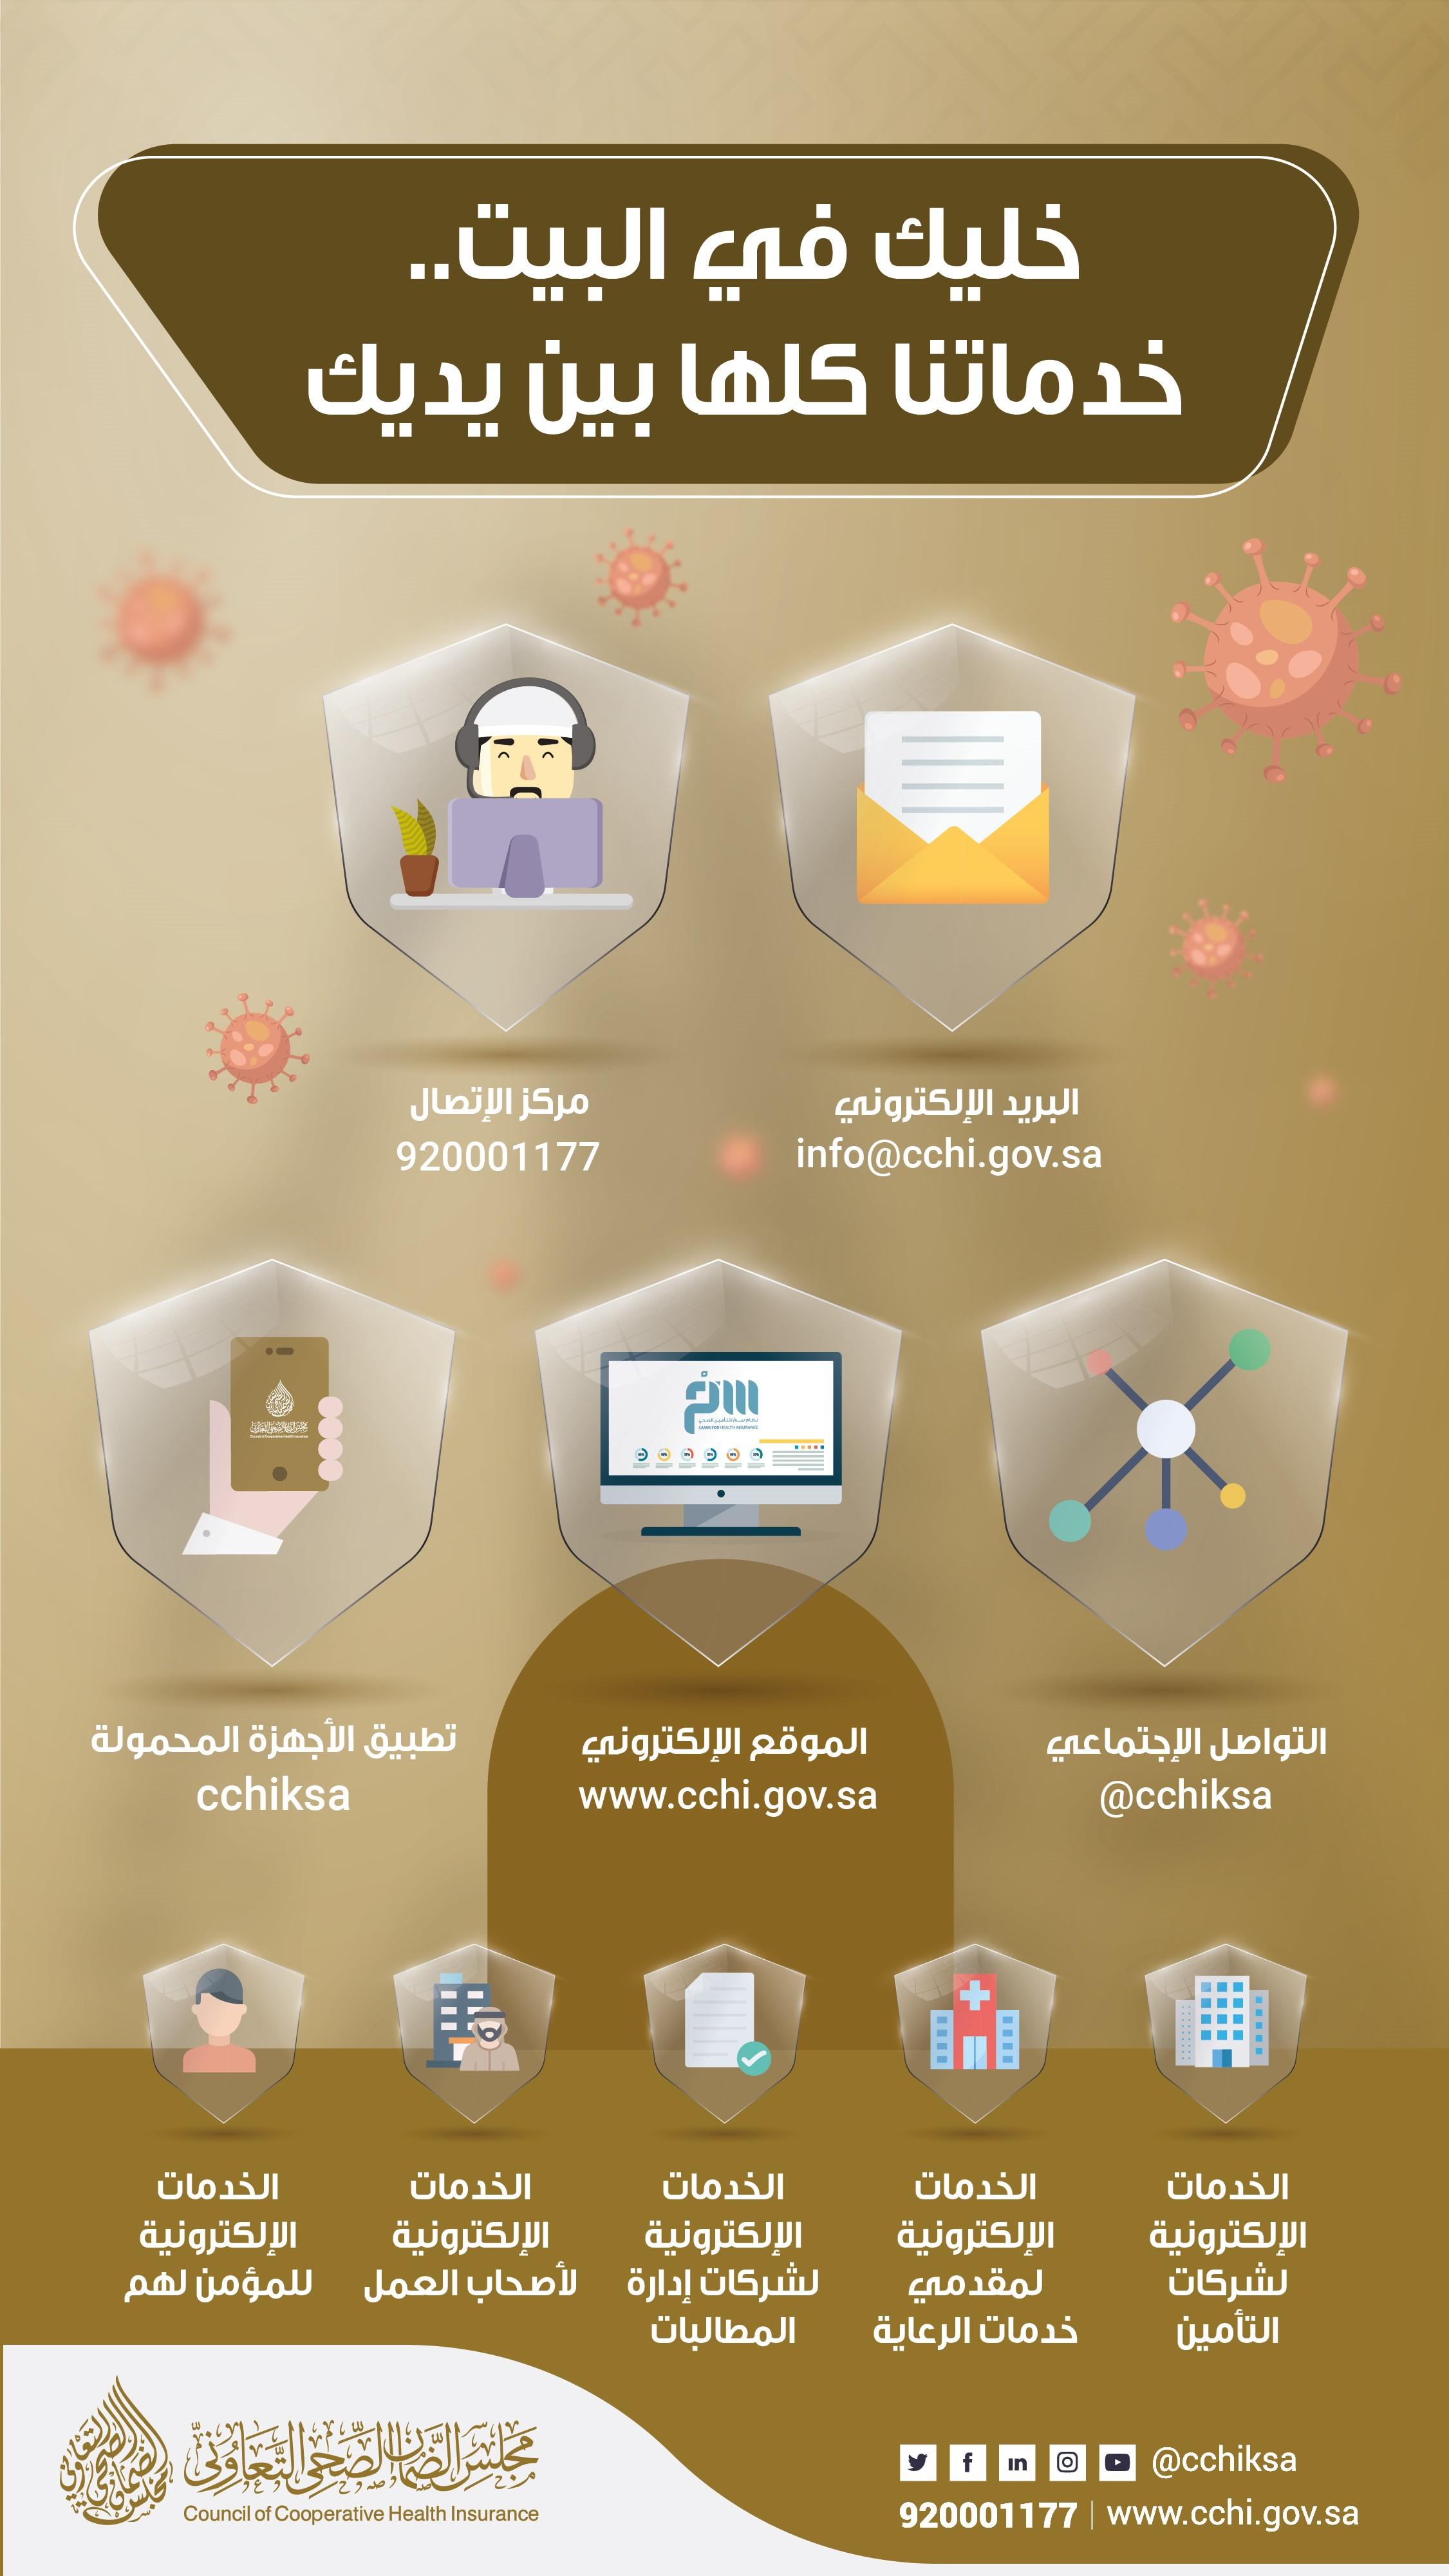 جرافيك حملة خليك بالبيت خدماتنا بين إيديك